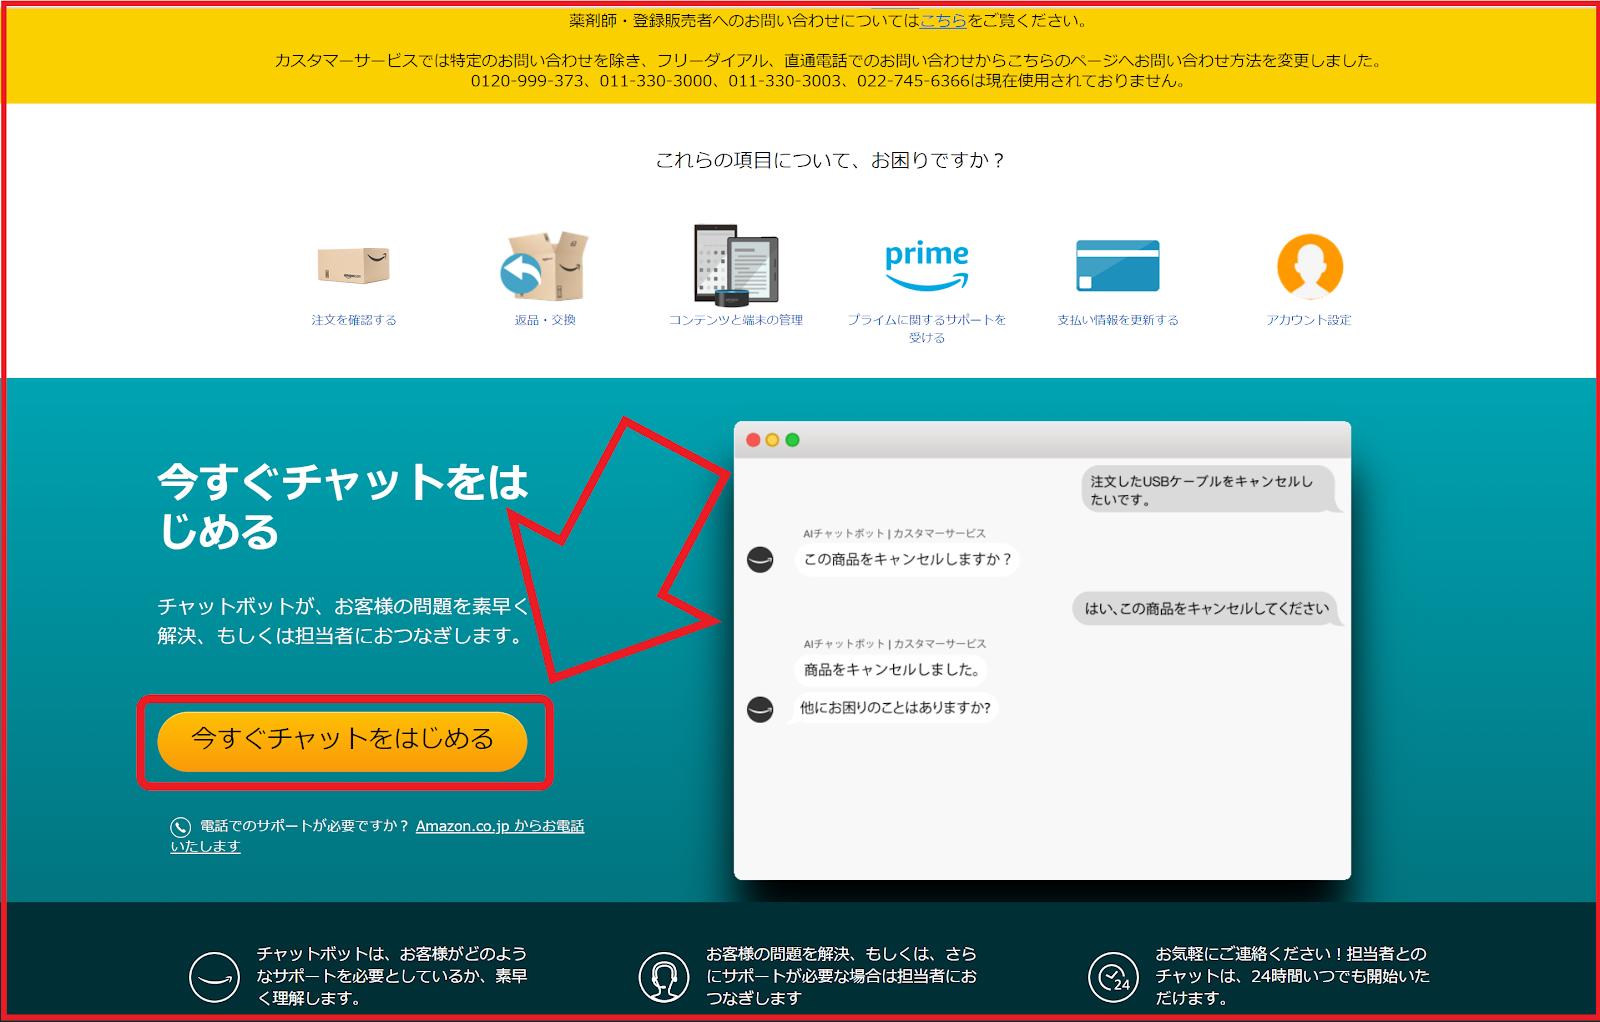 カスタマー・サービスに問い合わせる方法、チャットで連絡する(PCの場合)、手順1